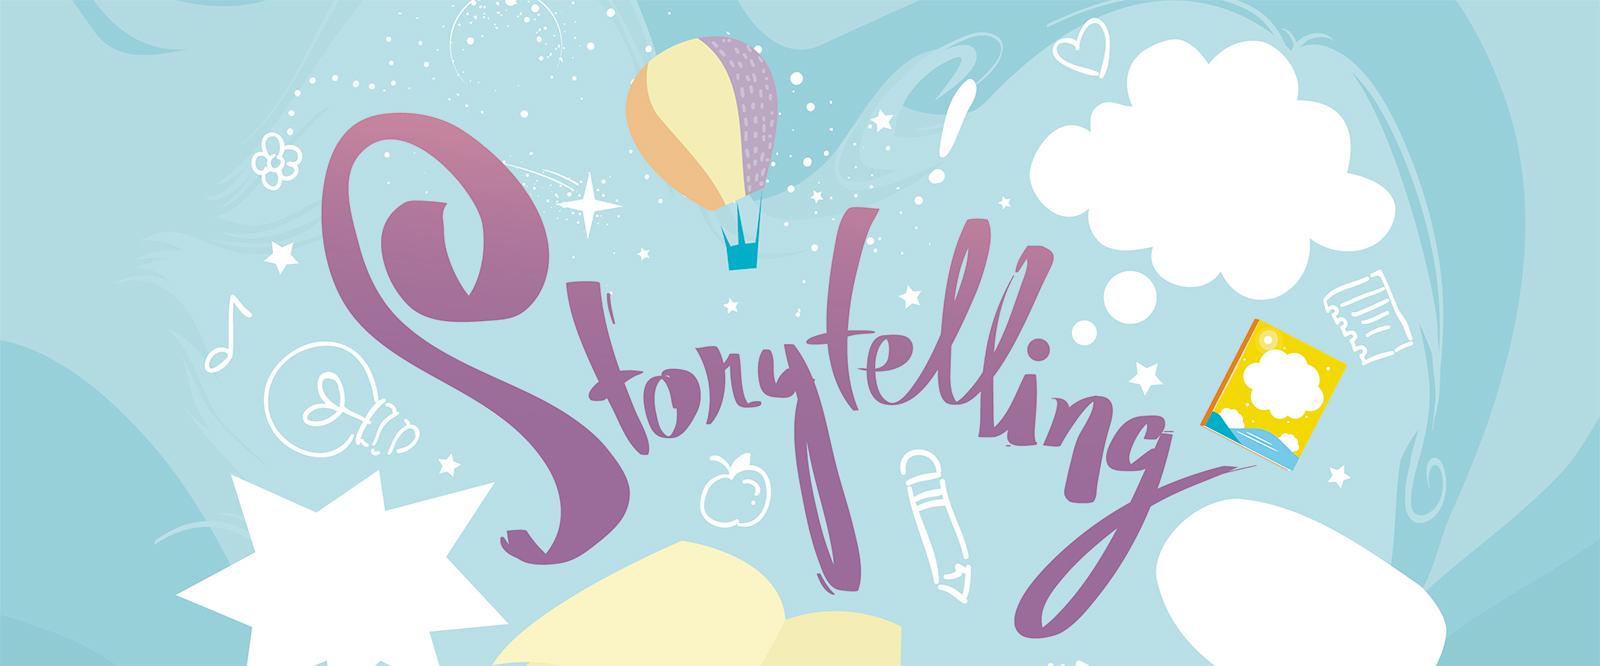 Onlinekurs Storytelling med video